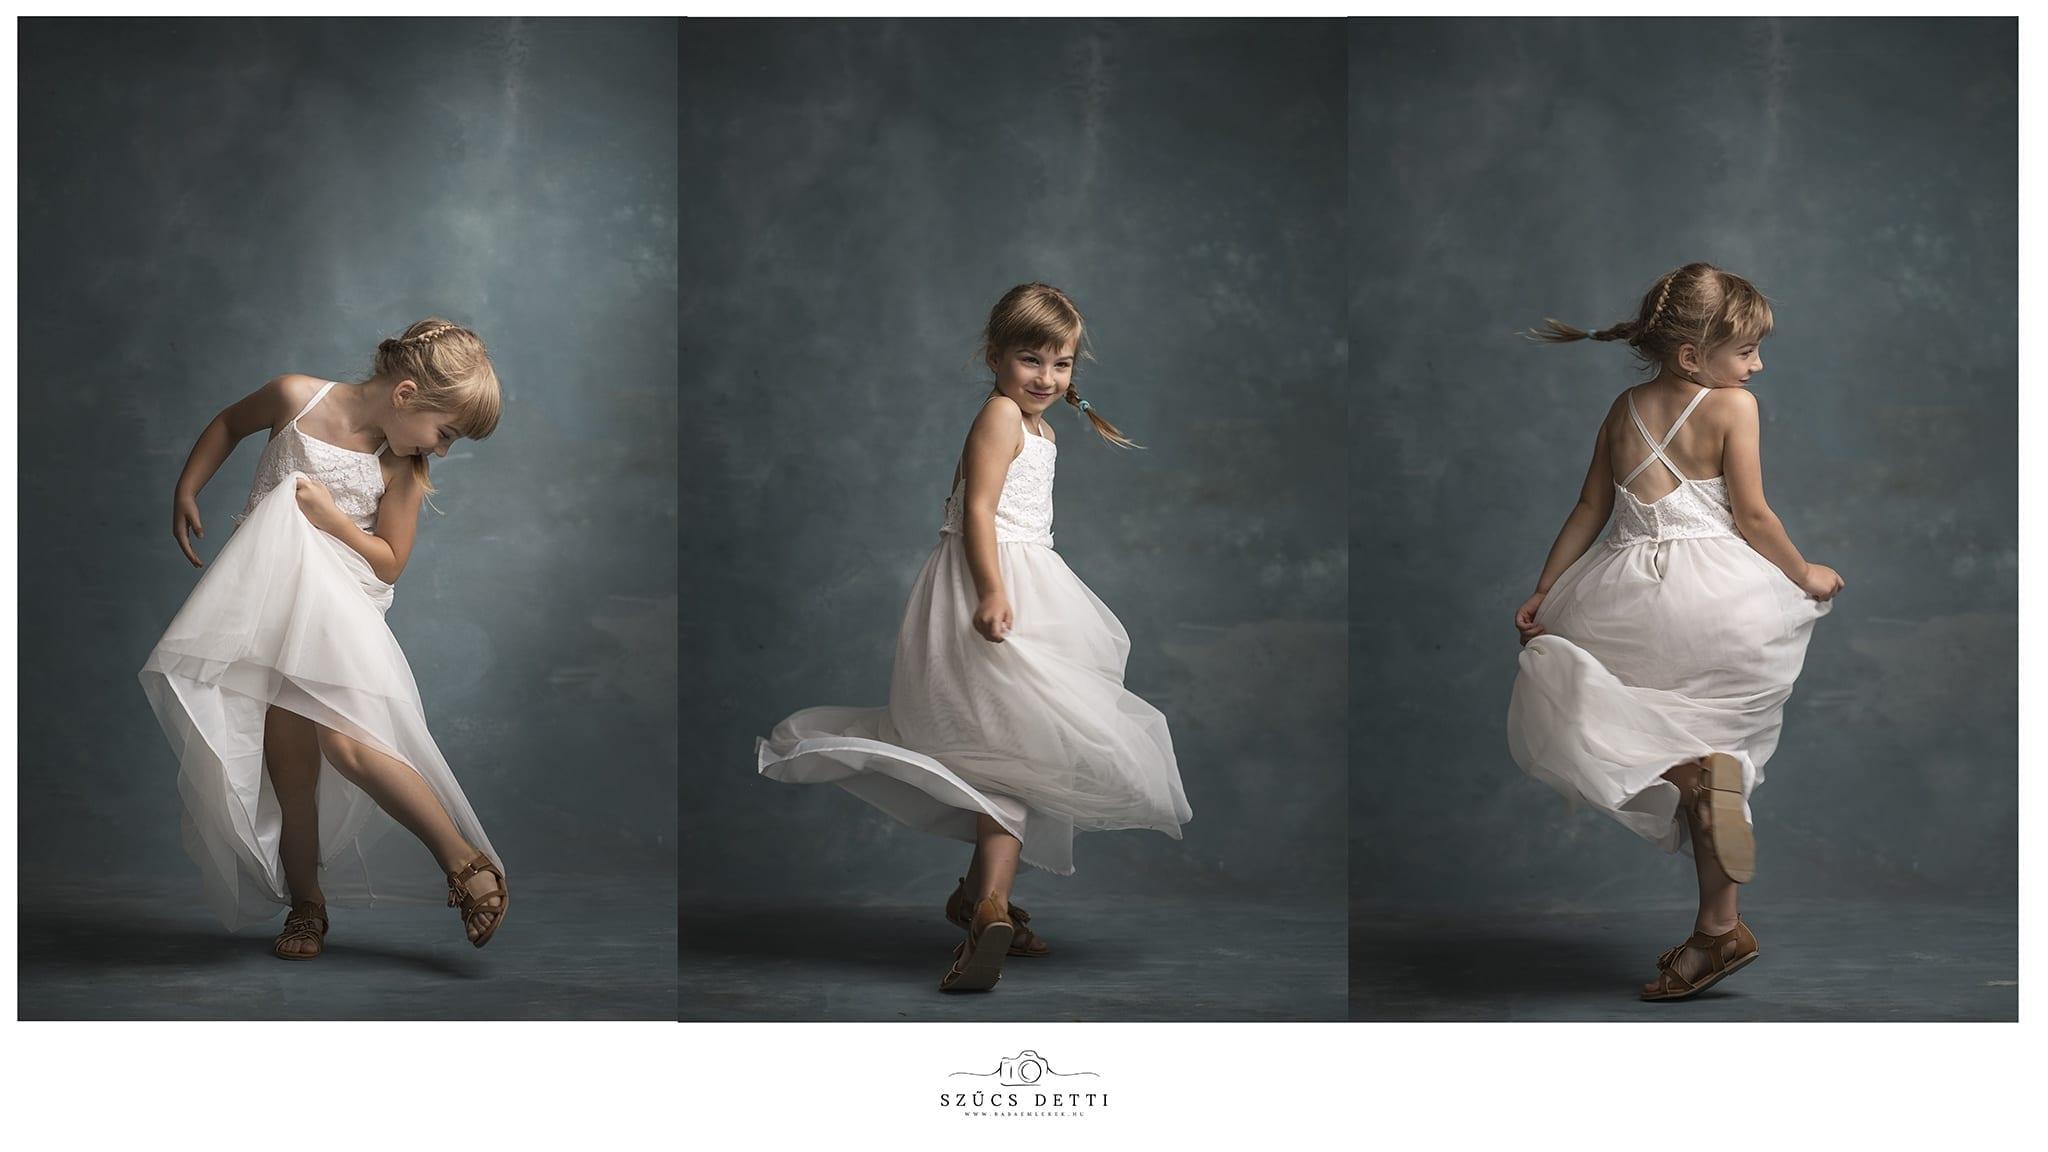 Fine art gyermekfotózás Budapesten profi fotóstúdióban